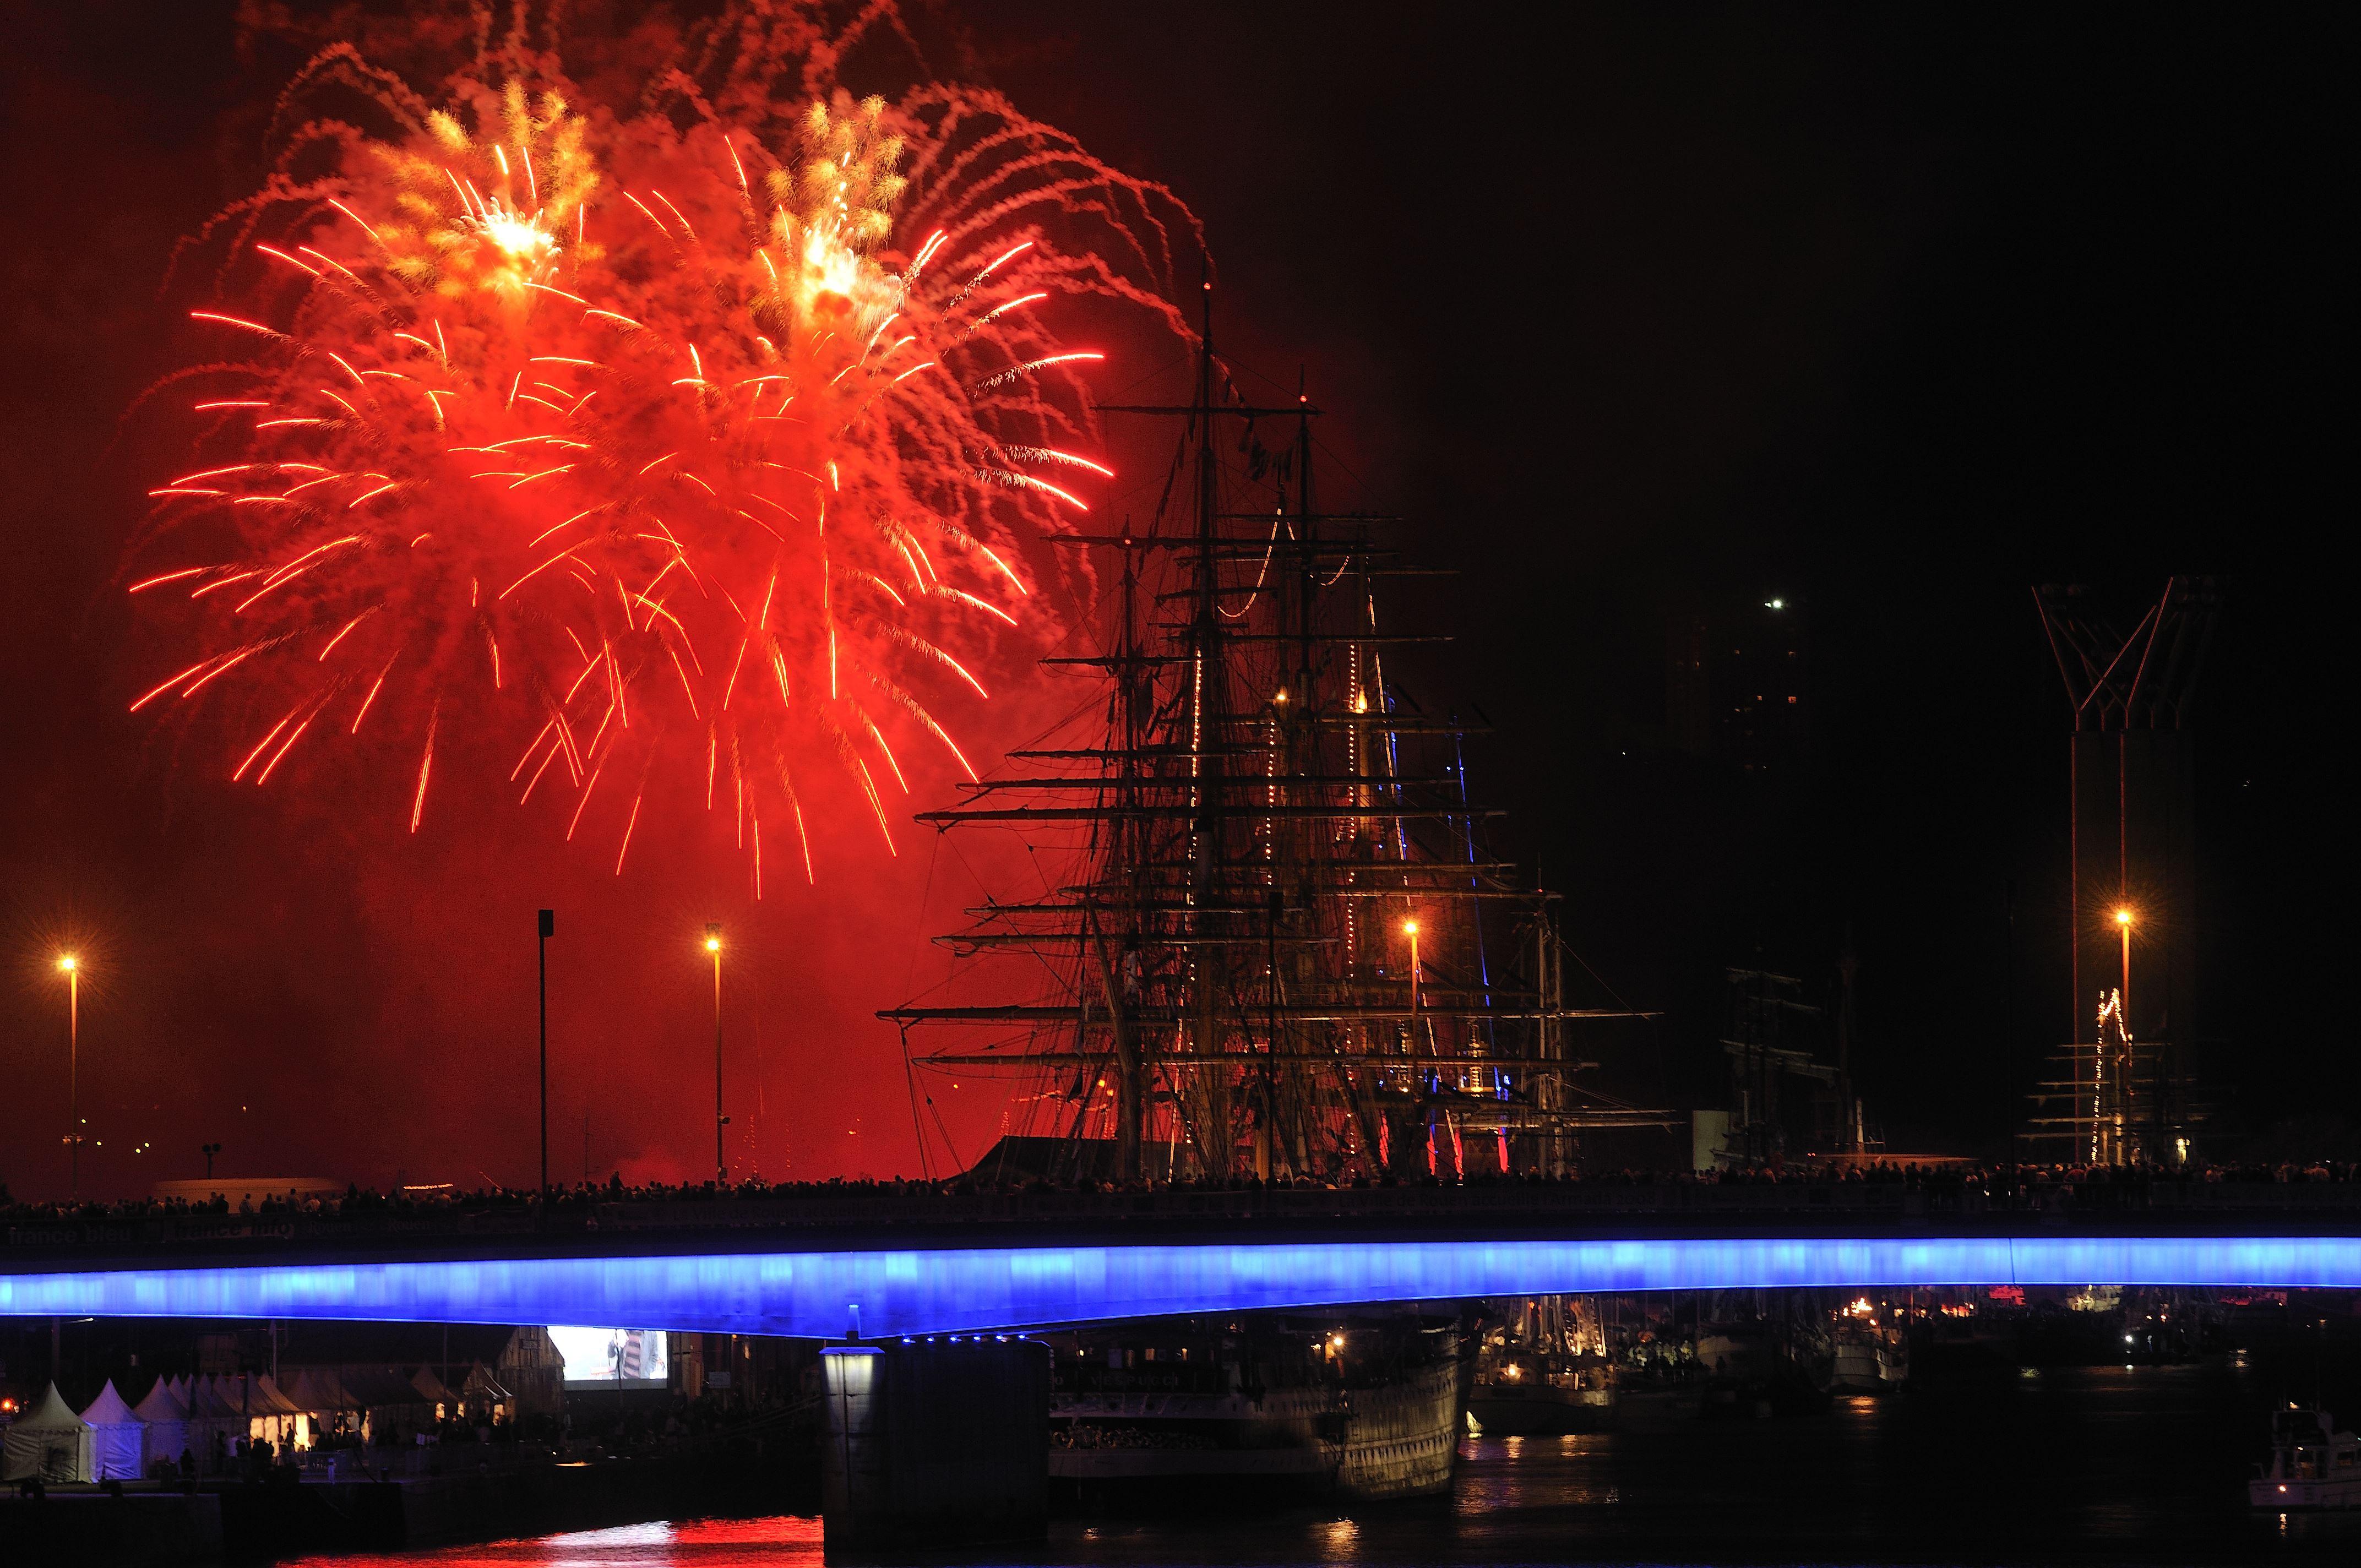 ! COMPLET ! Croisière feu d'artifice à bord de La Lutèce ! COMPLET !